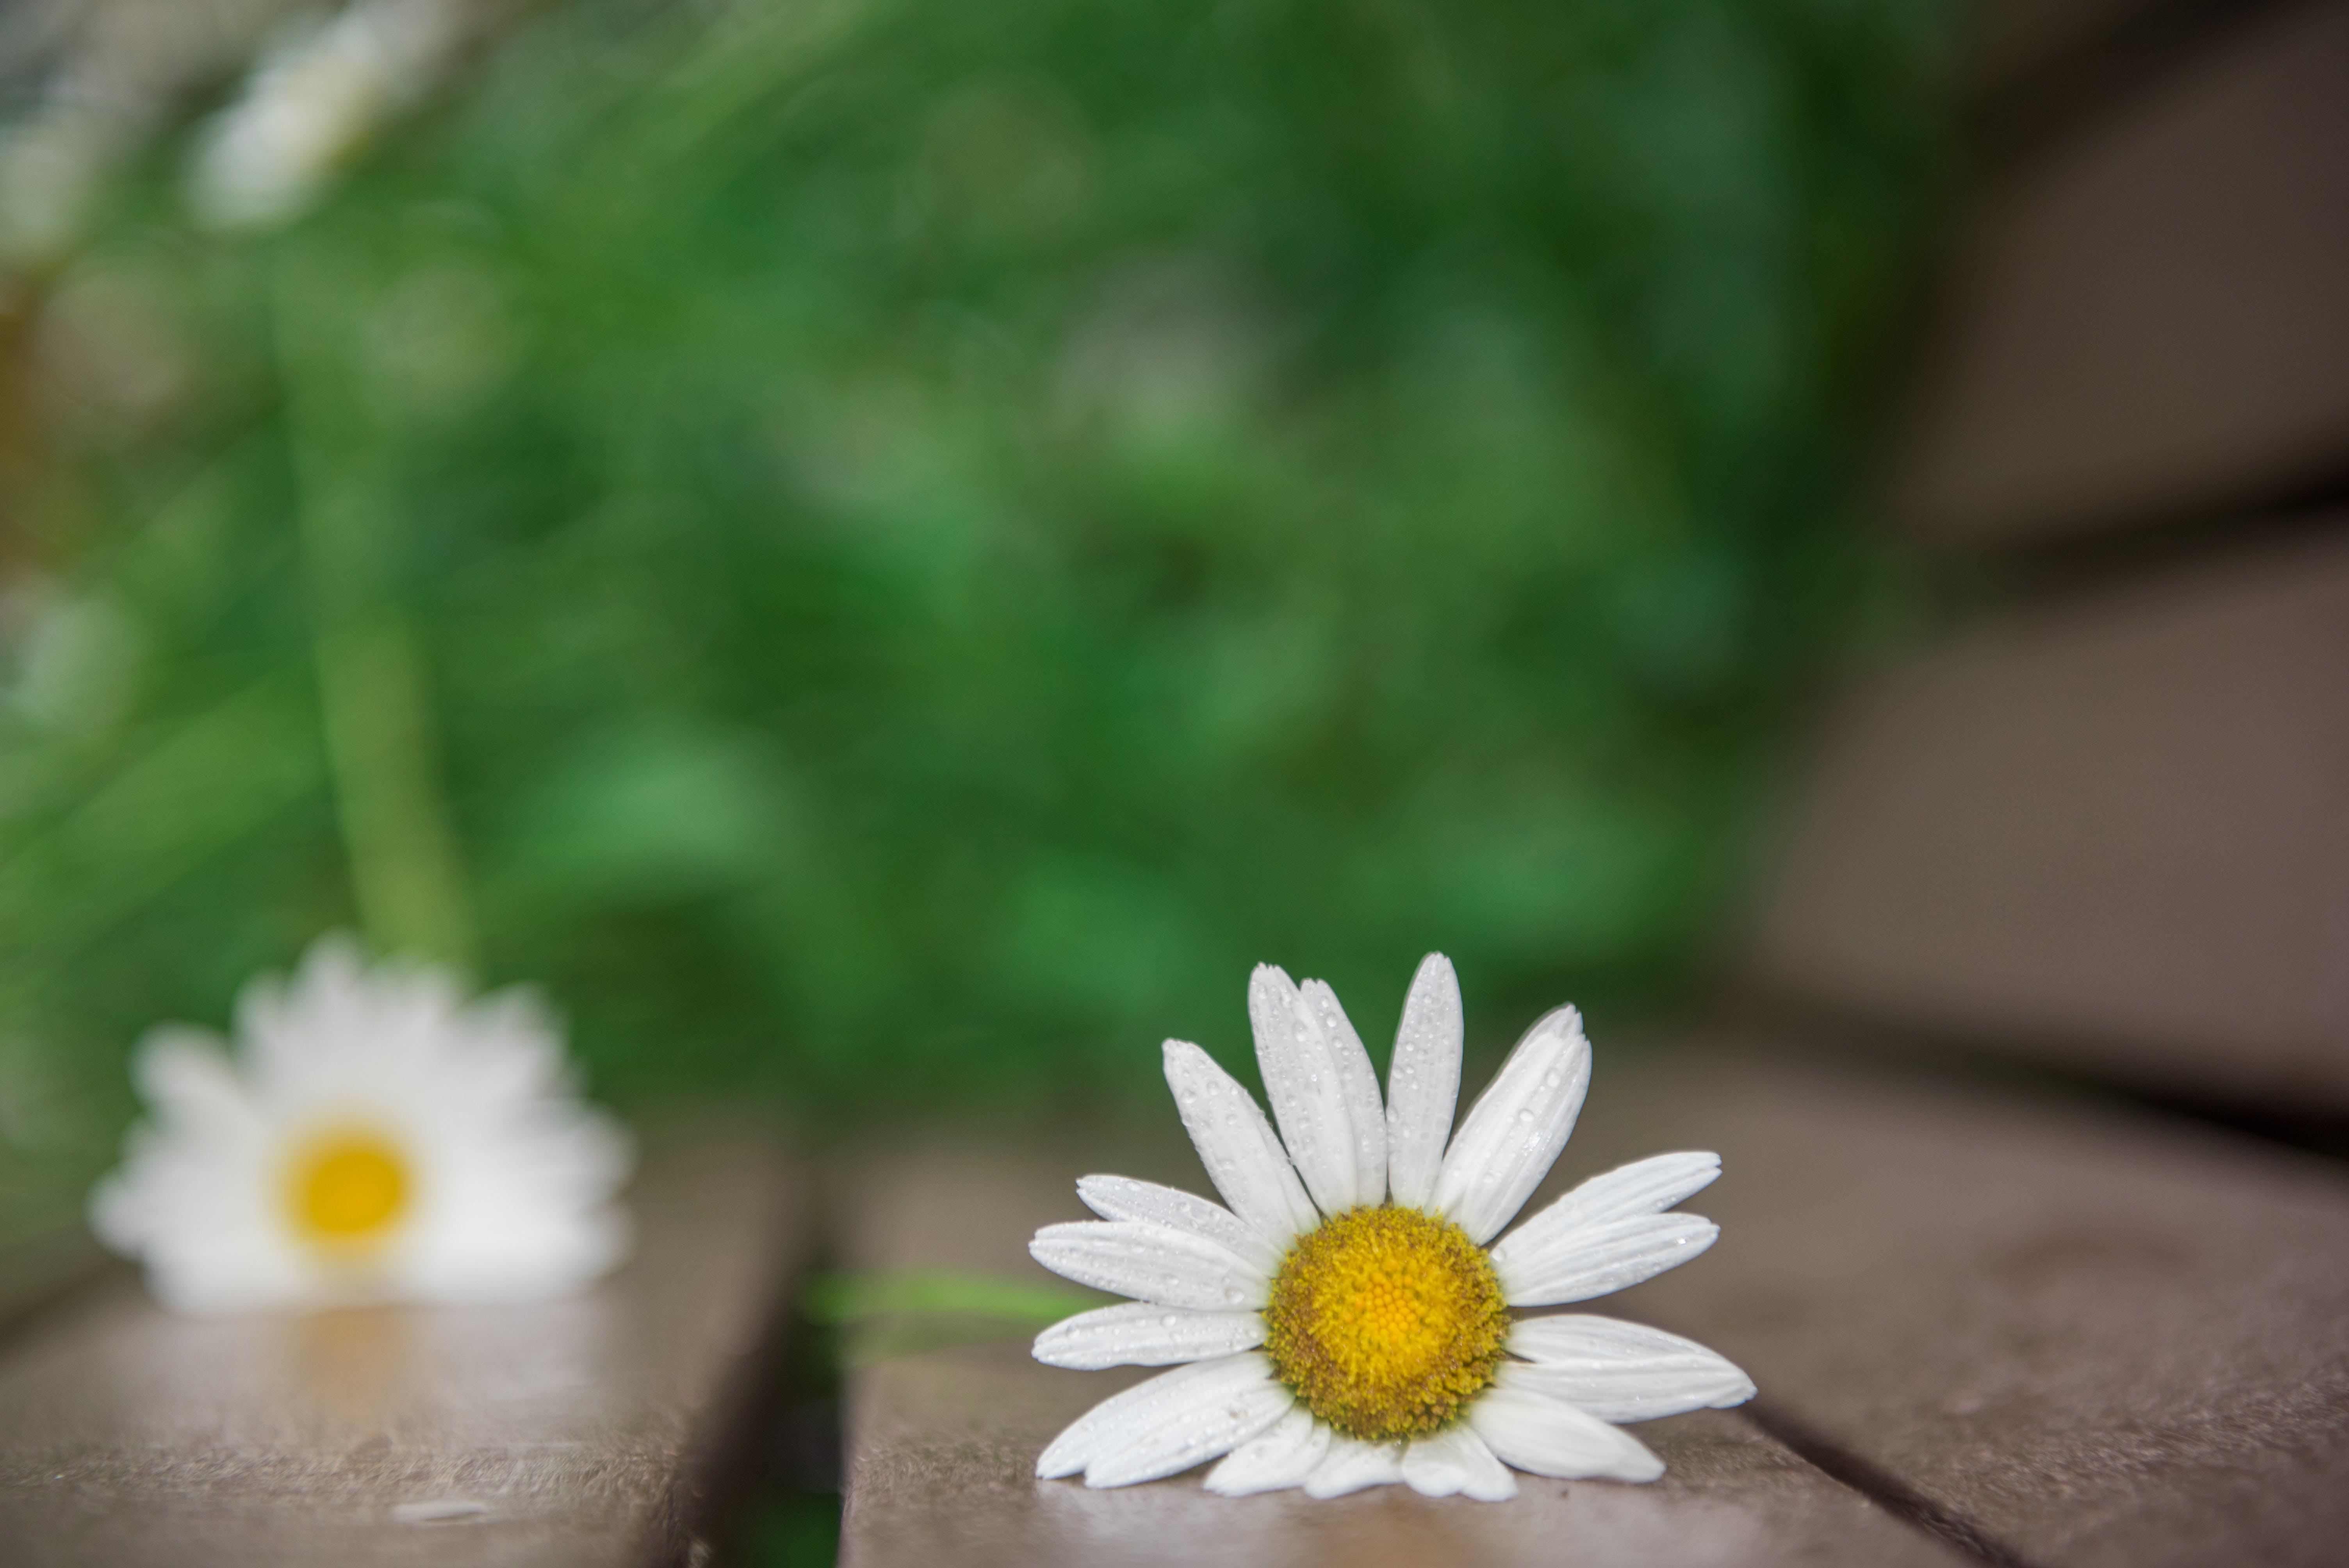 Free stock photo of daisy, flower, spring, white flower